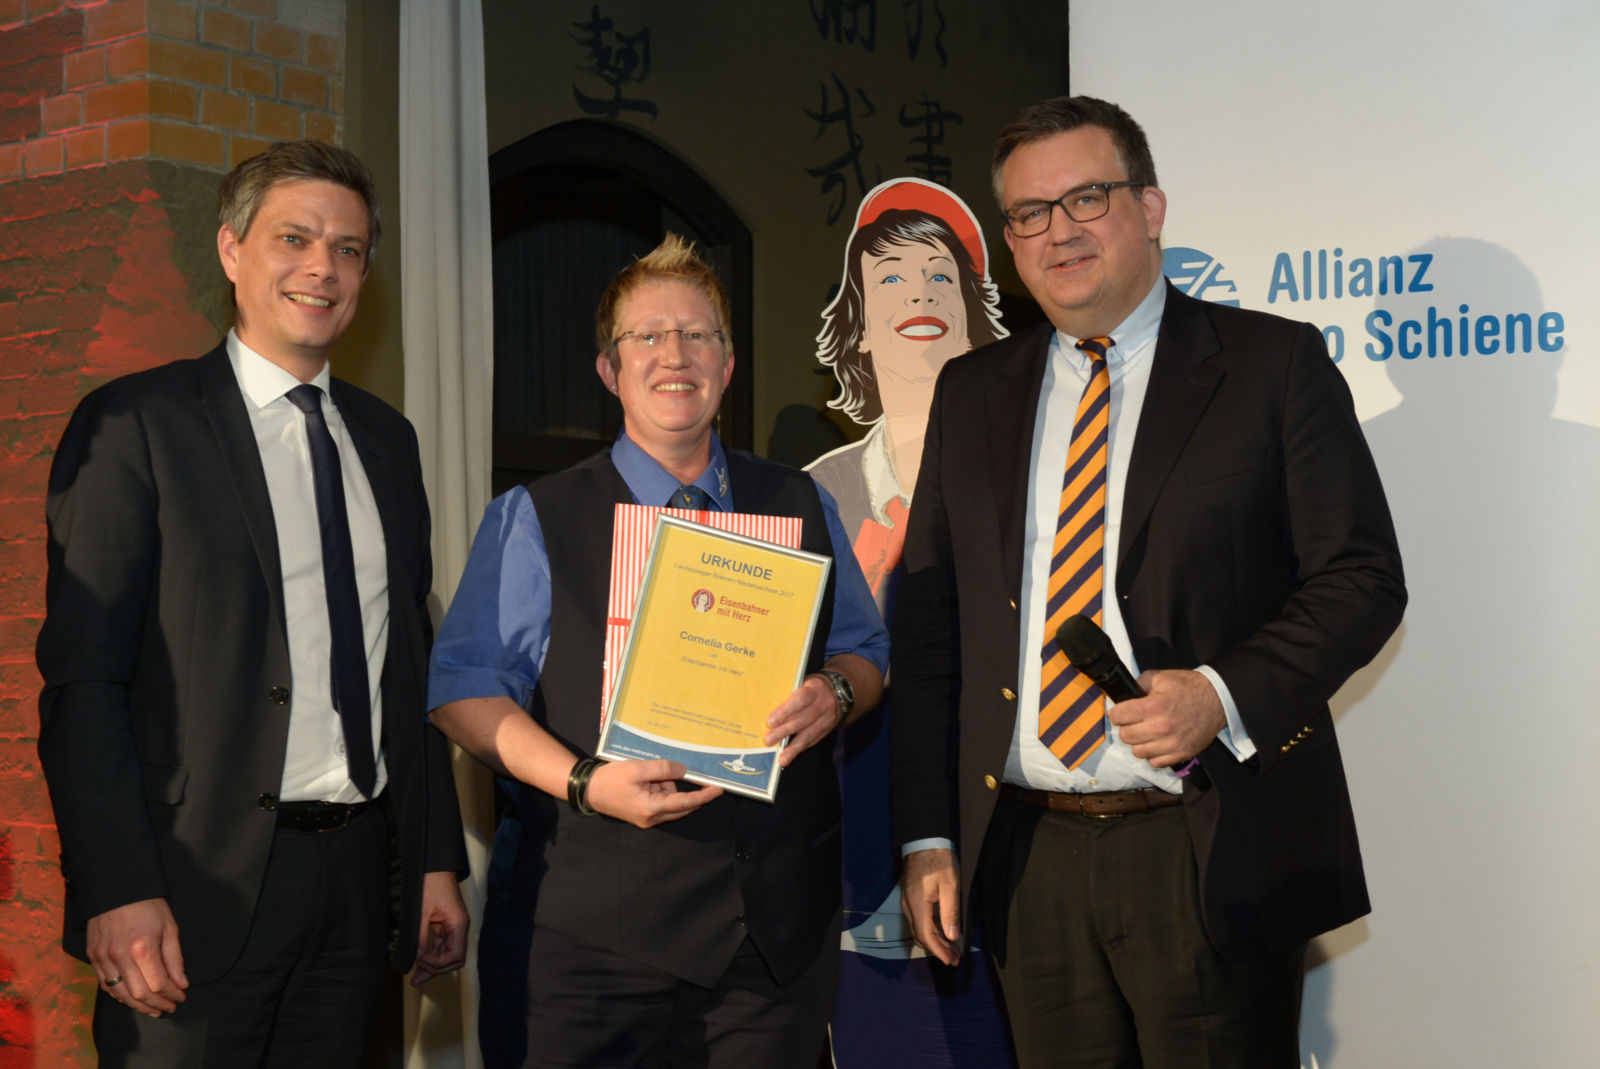 Landessiegerin Cornelia Gerke mit Metronom-Geschäftsführern Torsten Frahm (links) und Dr. Lorenz Kasch (rechts)